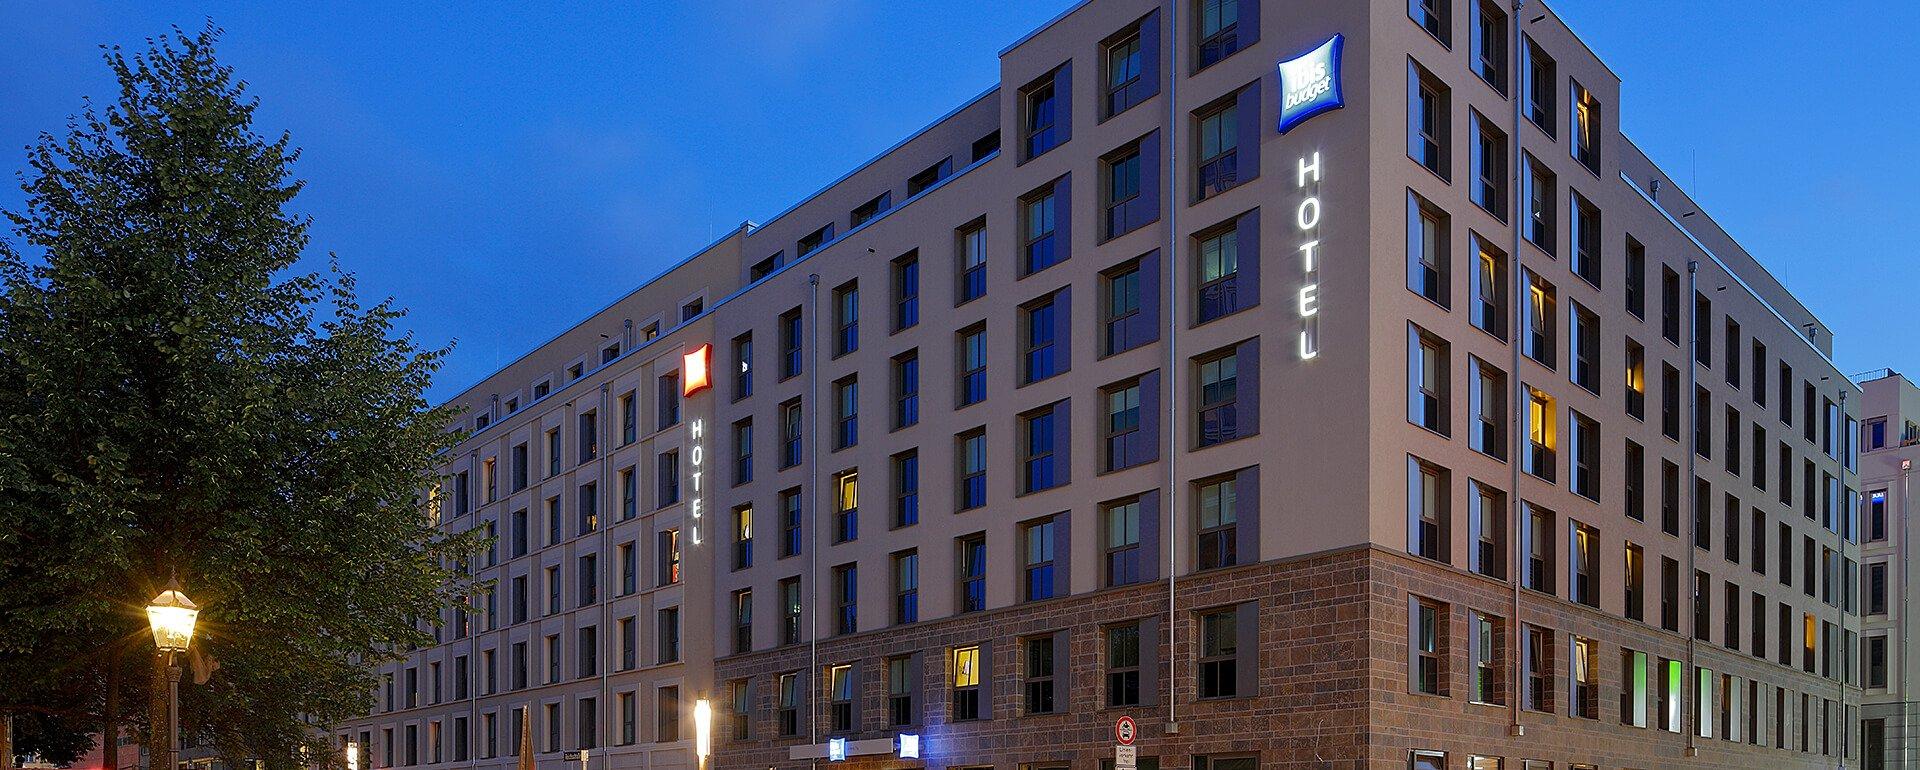 header_cityhotels_museumswinkel